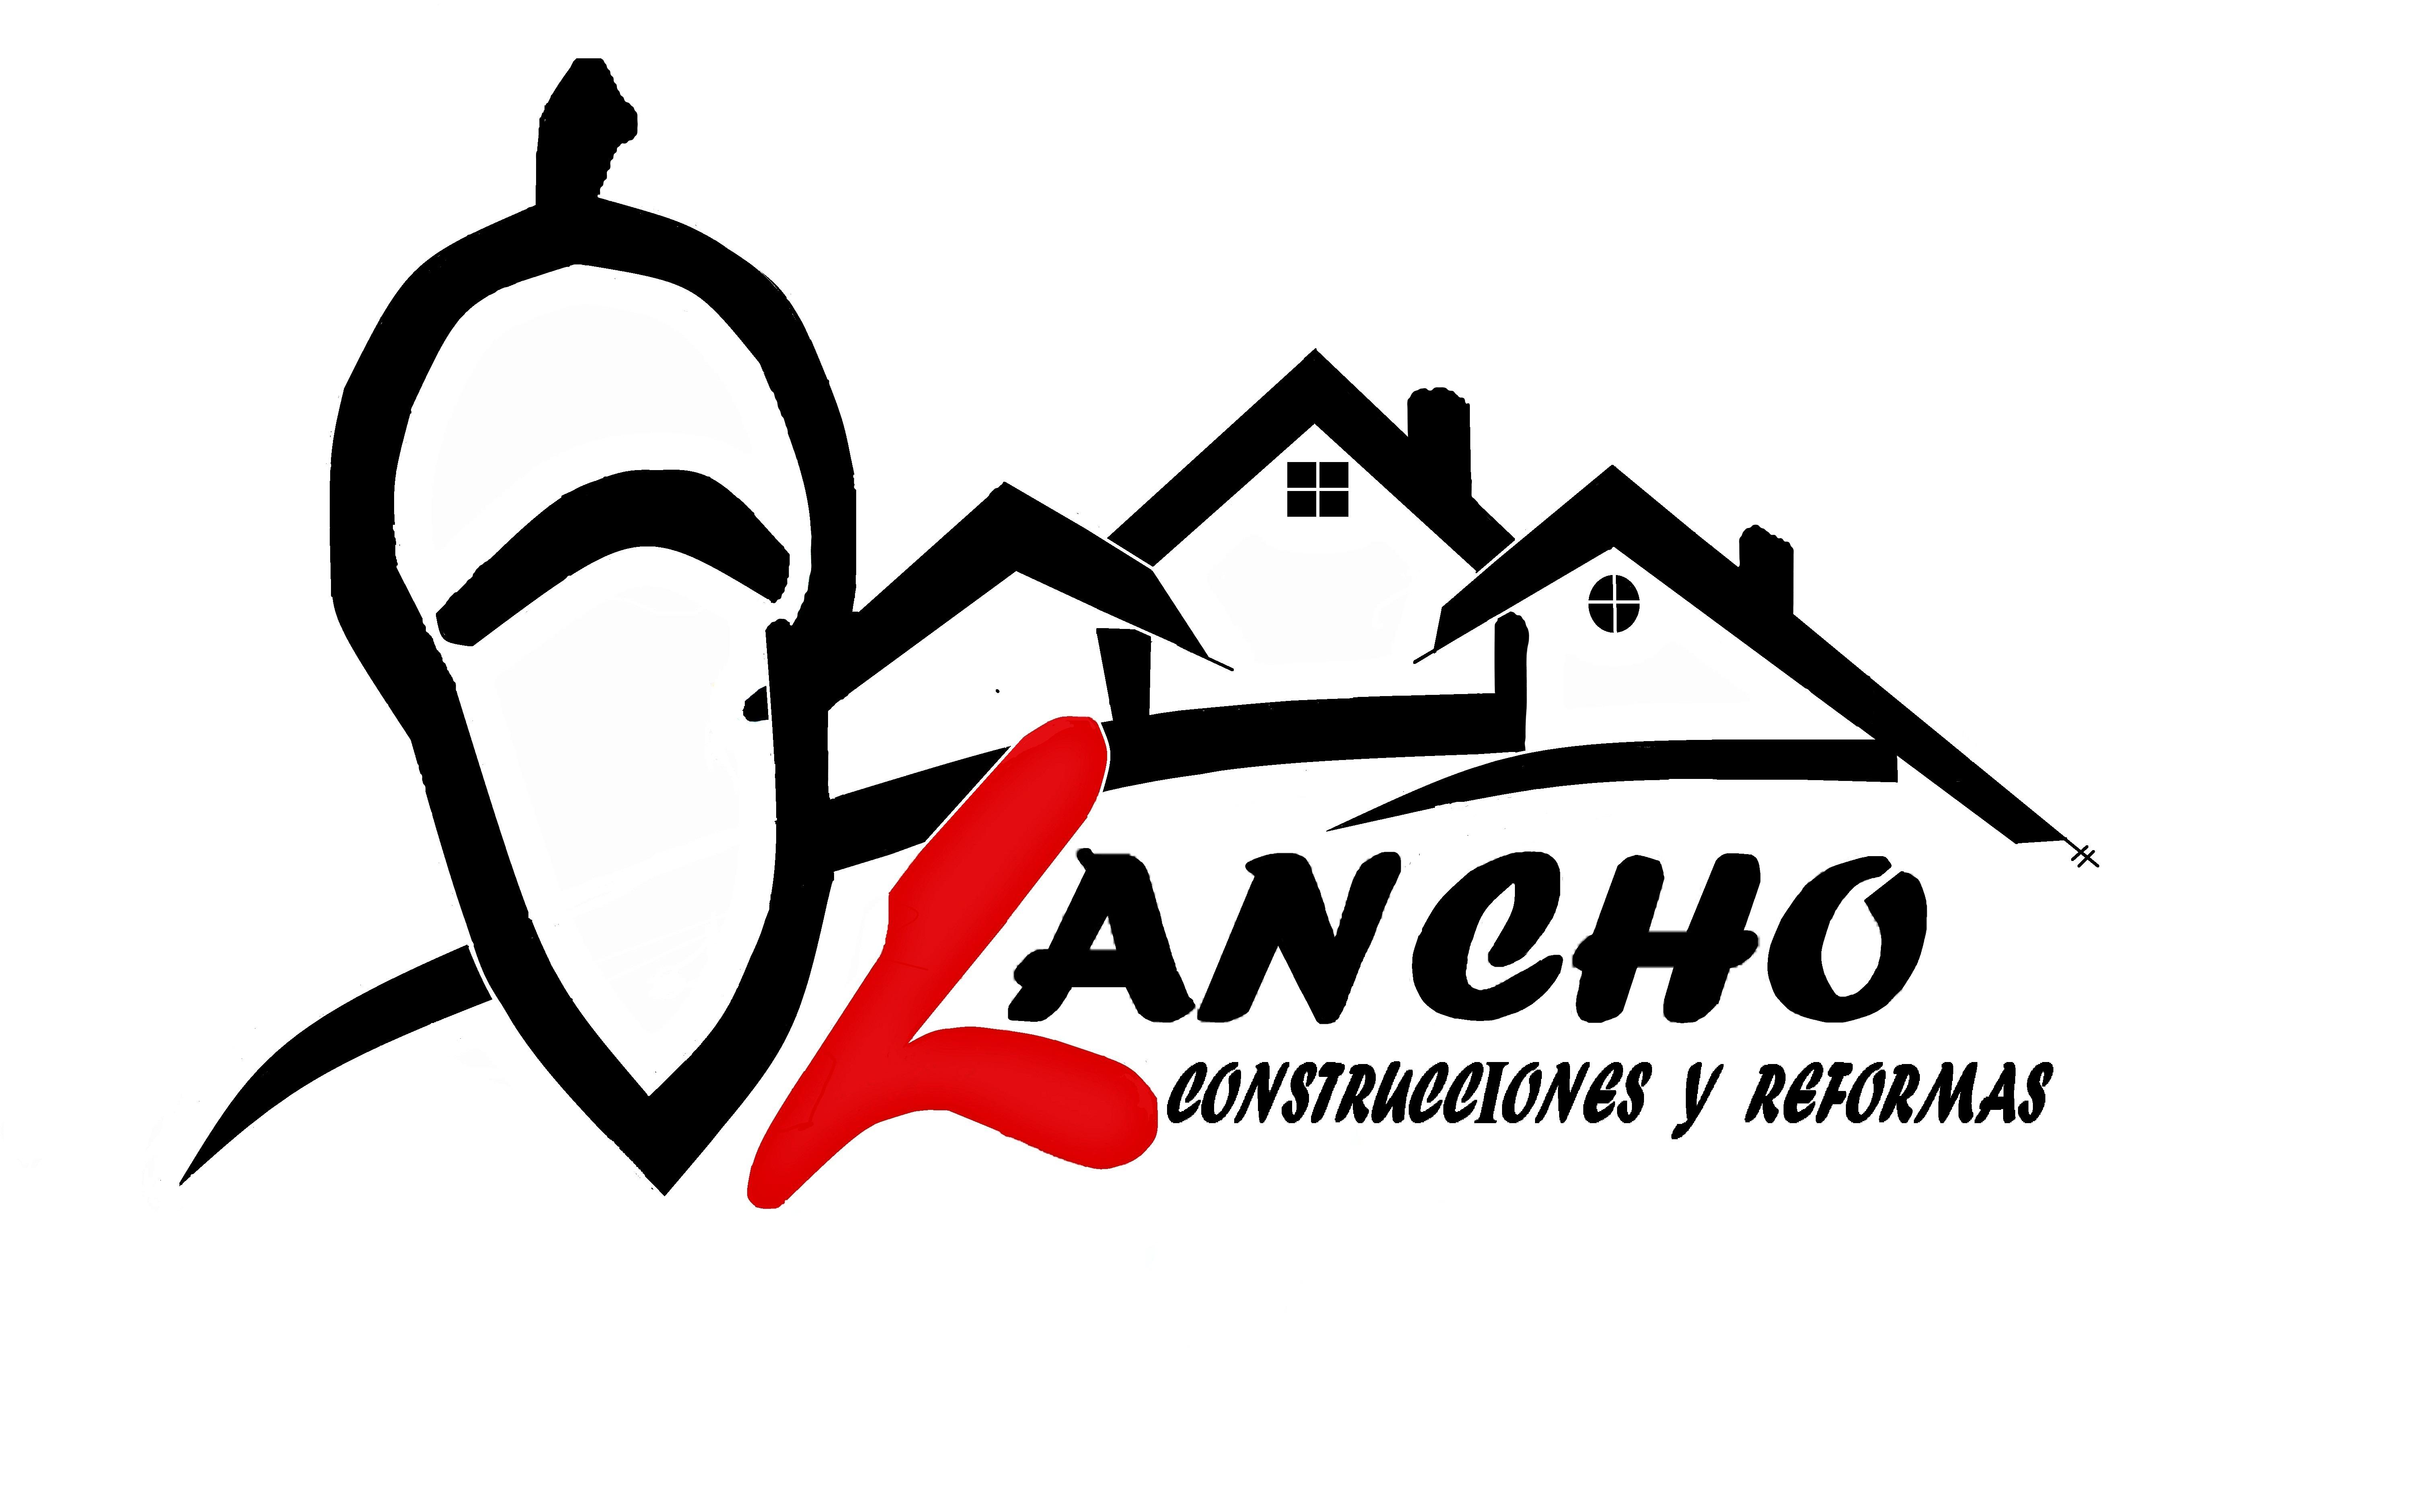 Lancho Construcciones Y Reformas